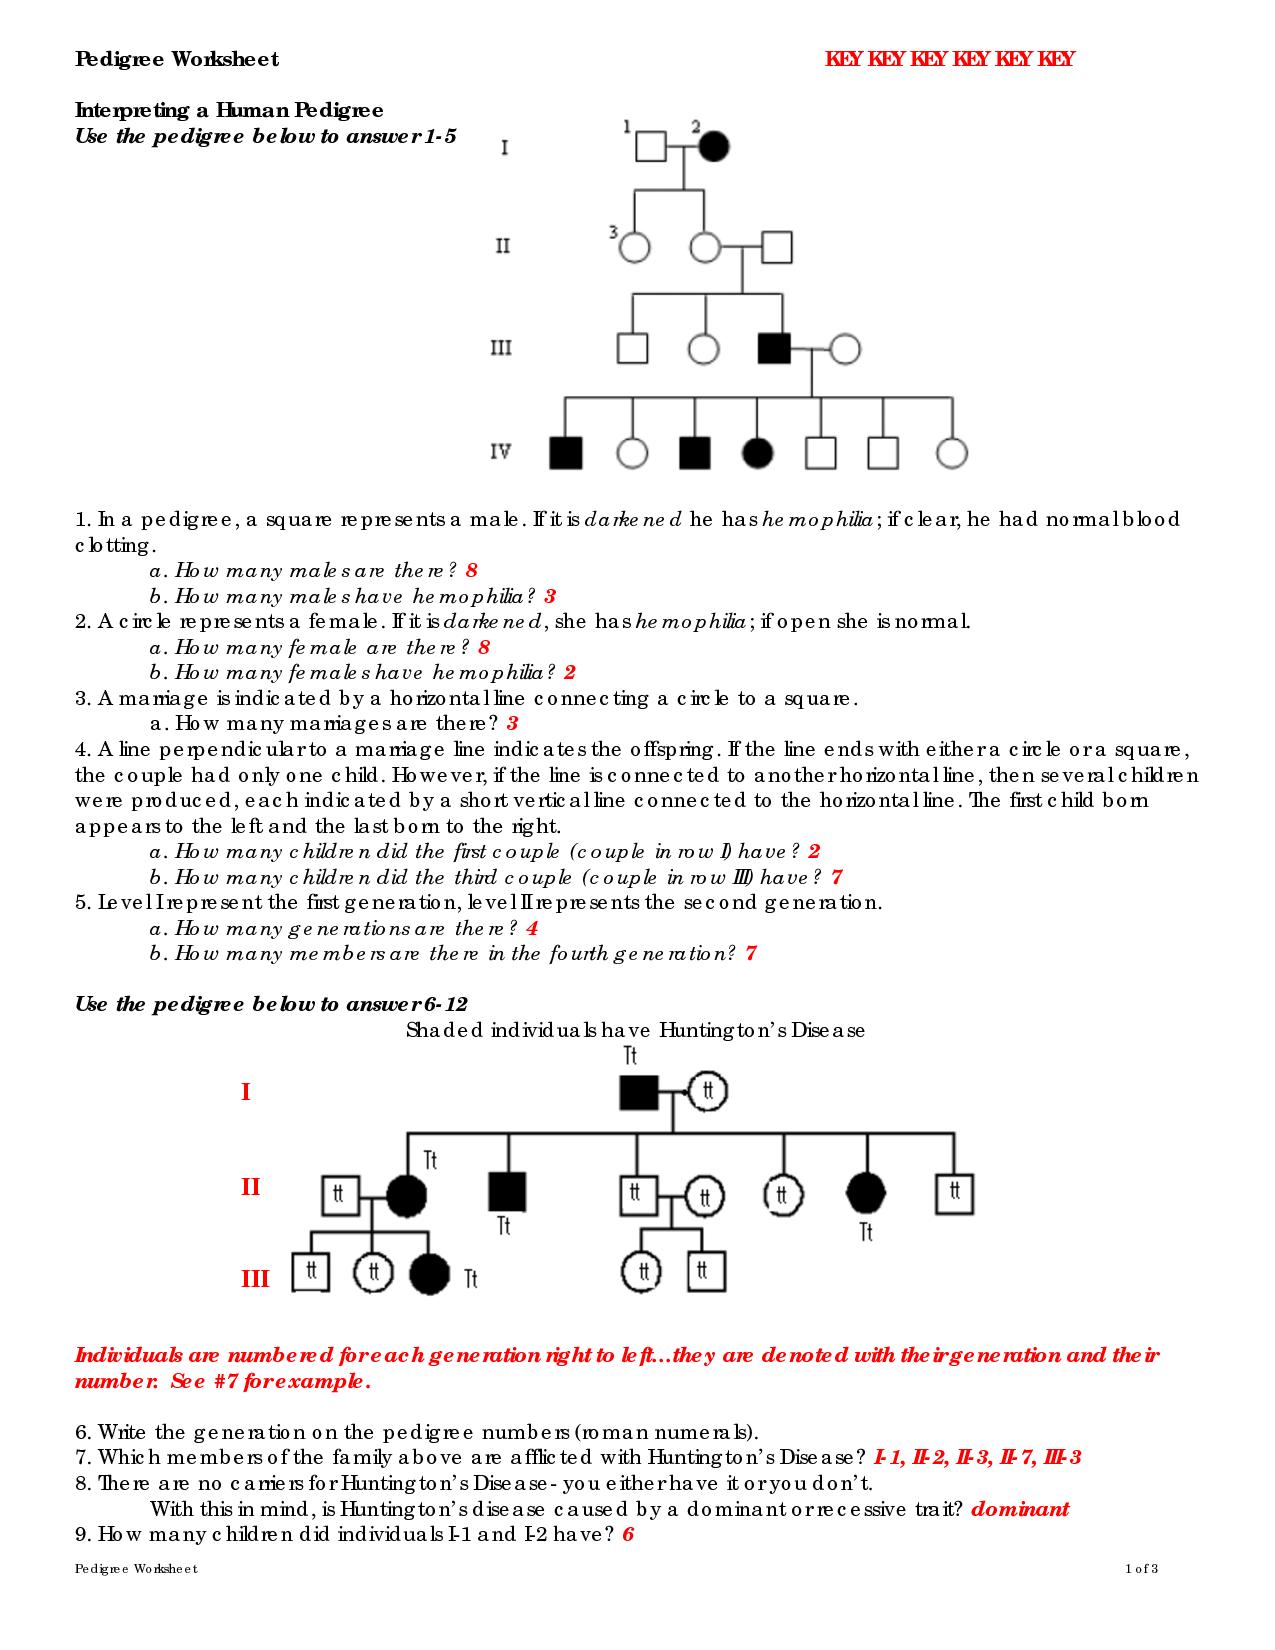 Human Pedigree Genetics Worksheet Key